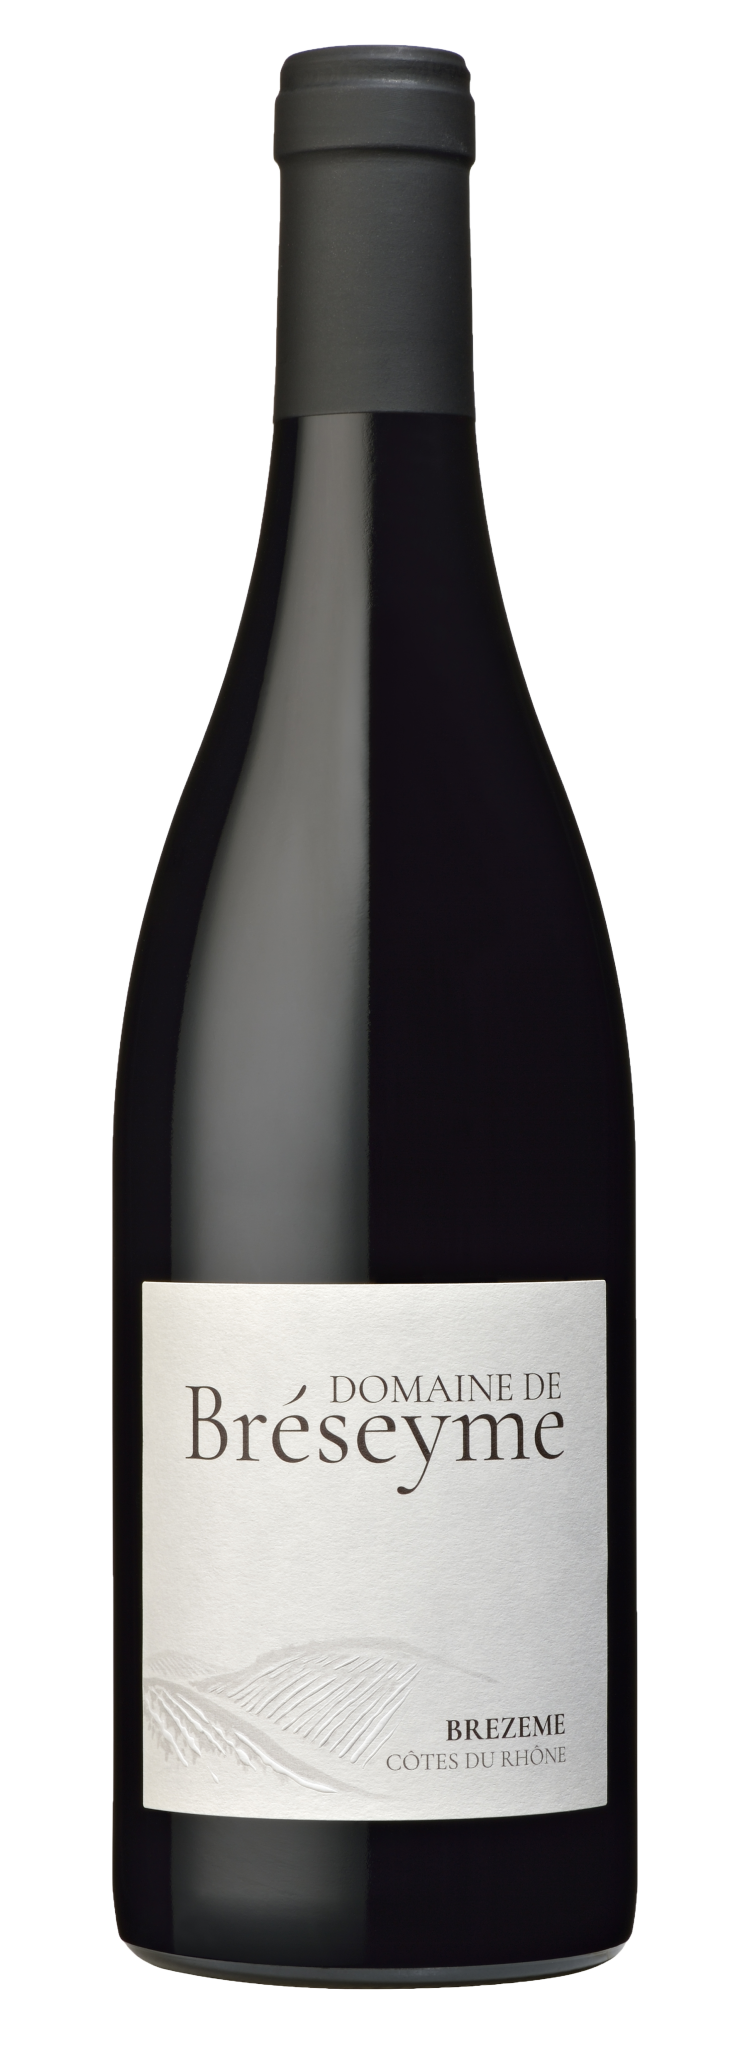 Domaine de Bréseyme Côtes du Rhône Brezeme Rouge - 2017